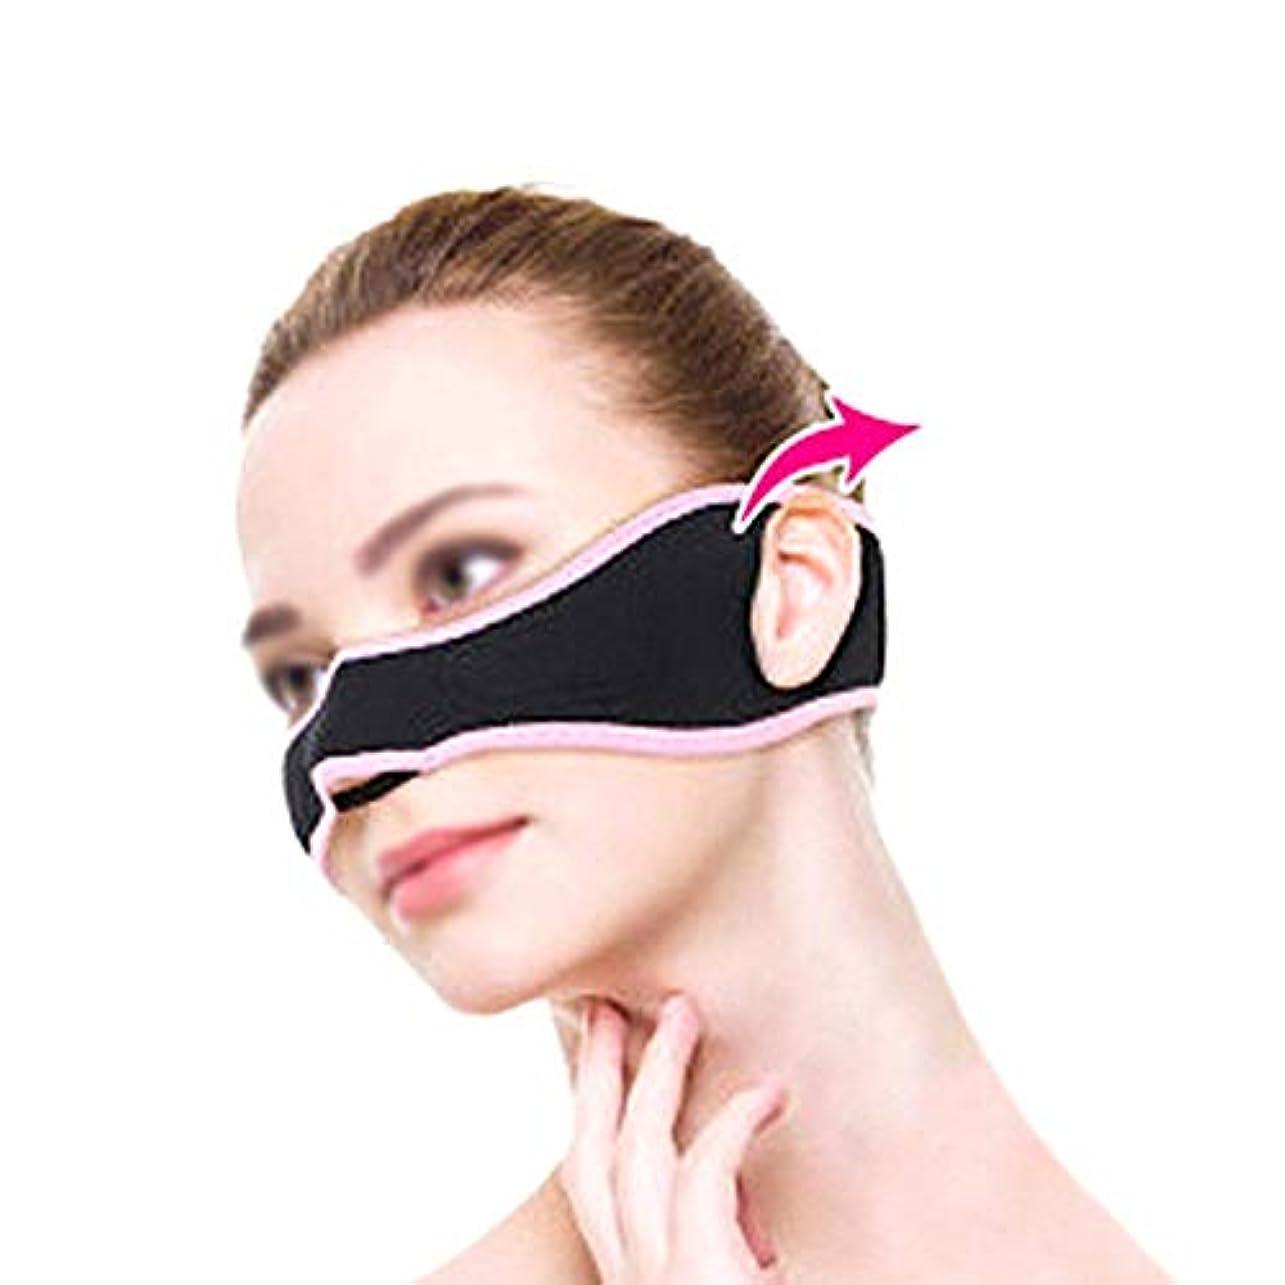 雇用インテリア近傍XHLMRMJ フェイスリフティングマスク、チークリフトアップマスク、薄くて薄い顔、顔の筋肉を引き締めて持ち上げ、持ち運びが簡単で、男性と女性の両方が使用できます